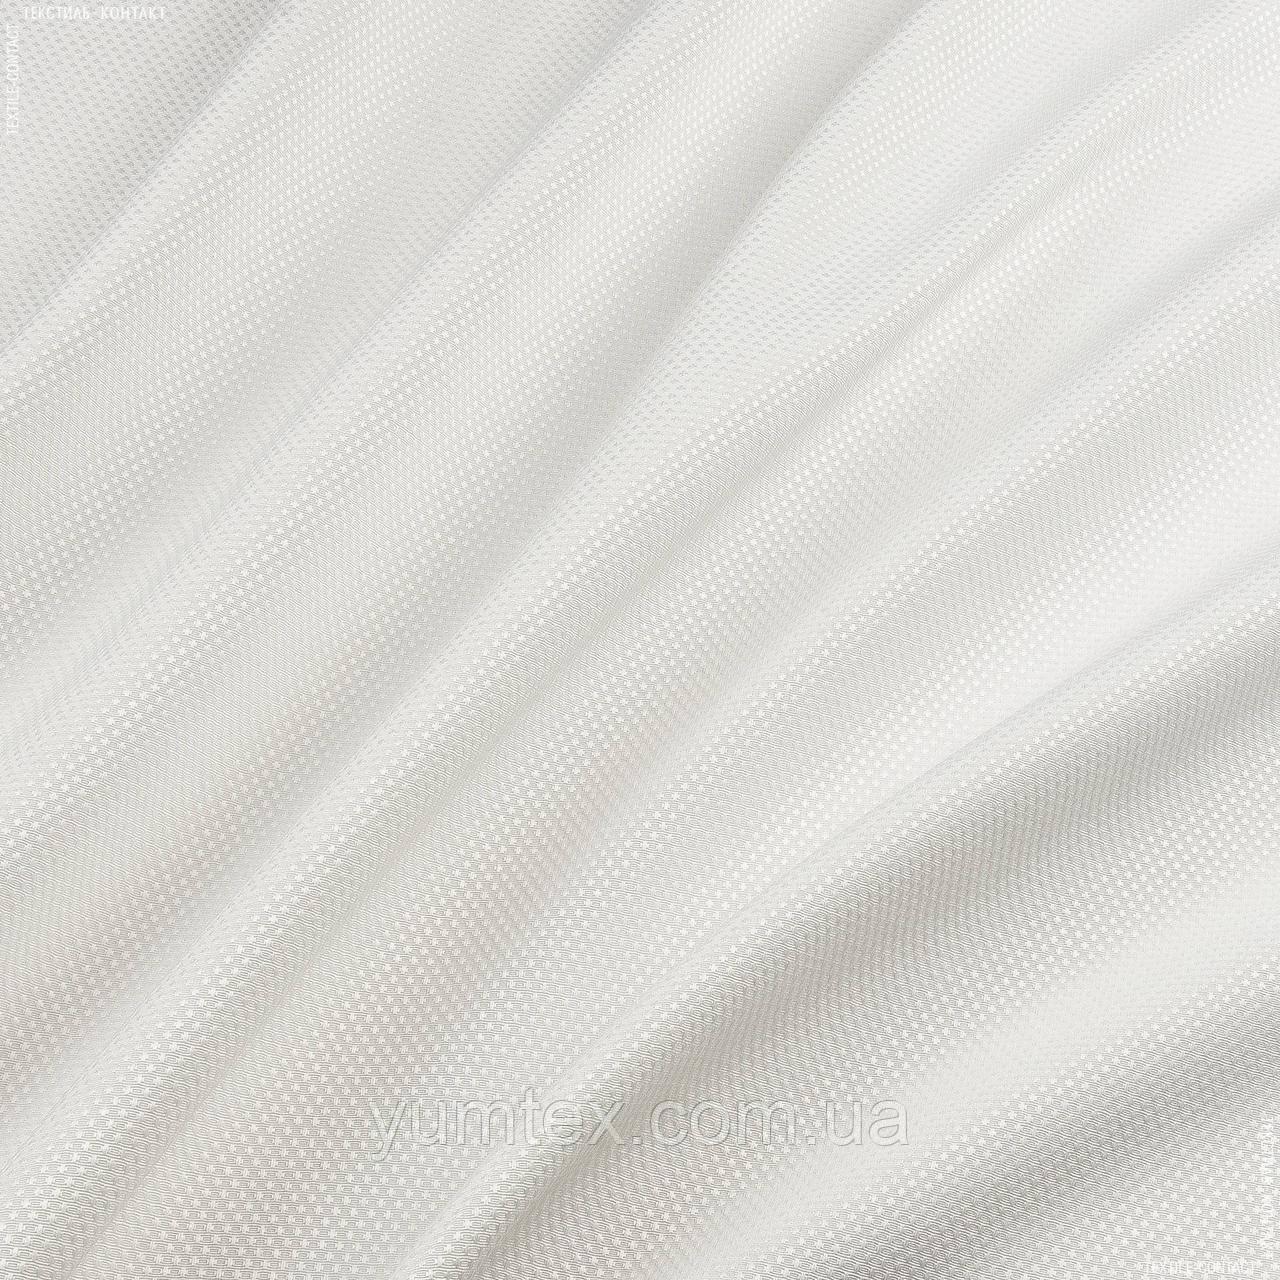 Скатертная тканина саванна база/ base молочний 144938